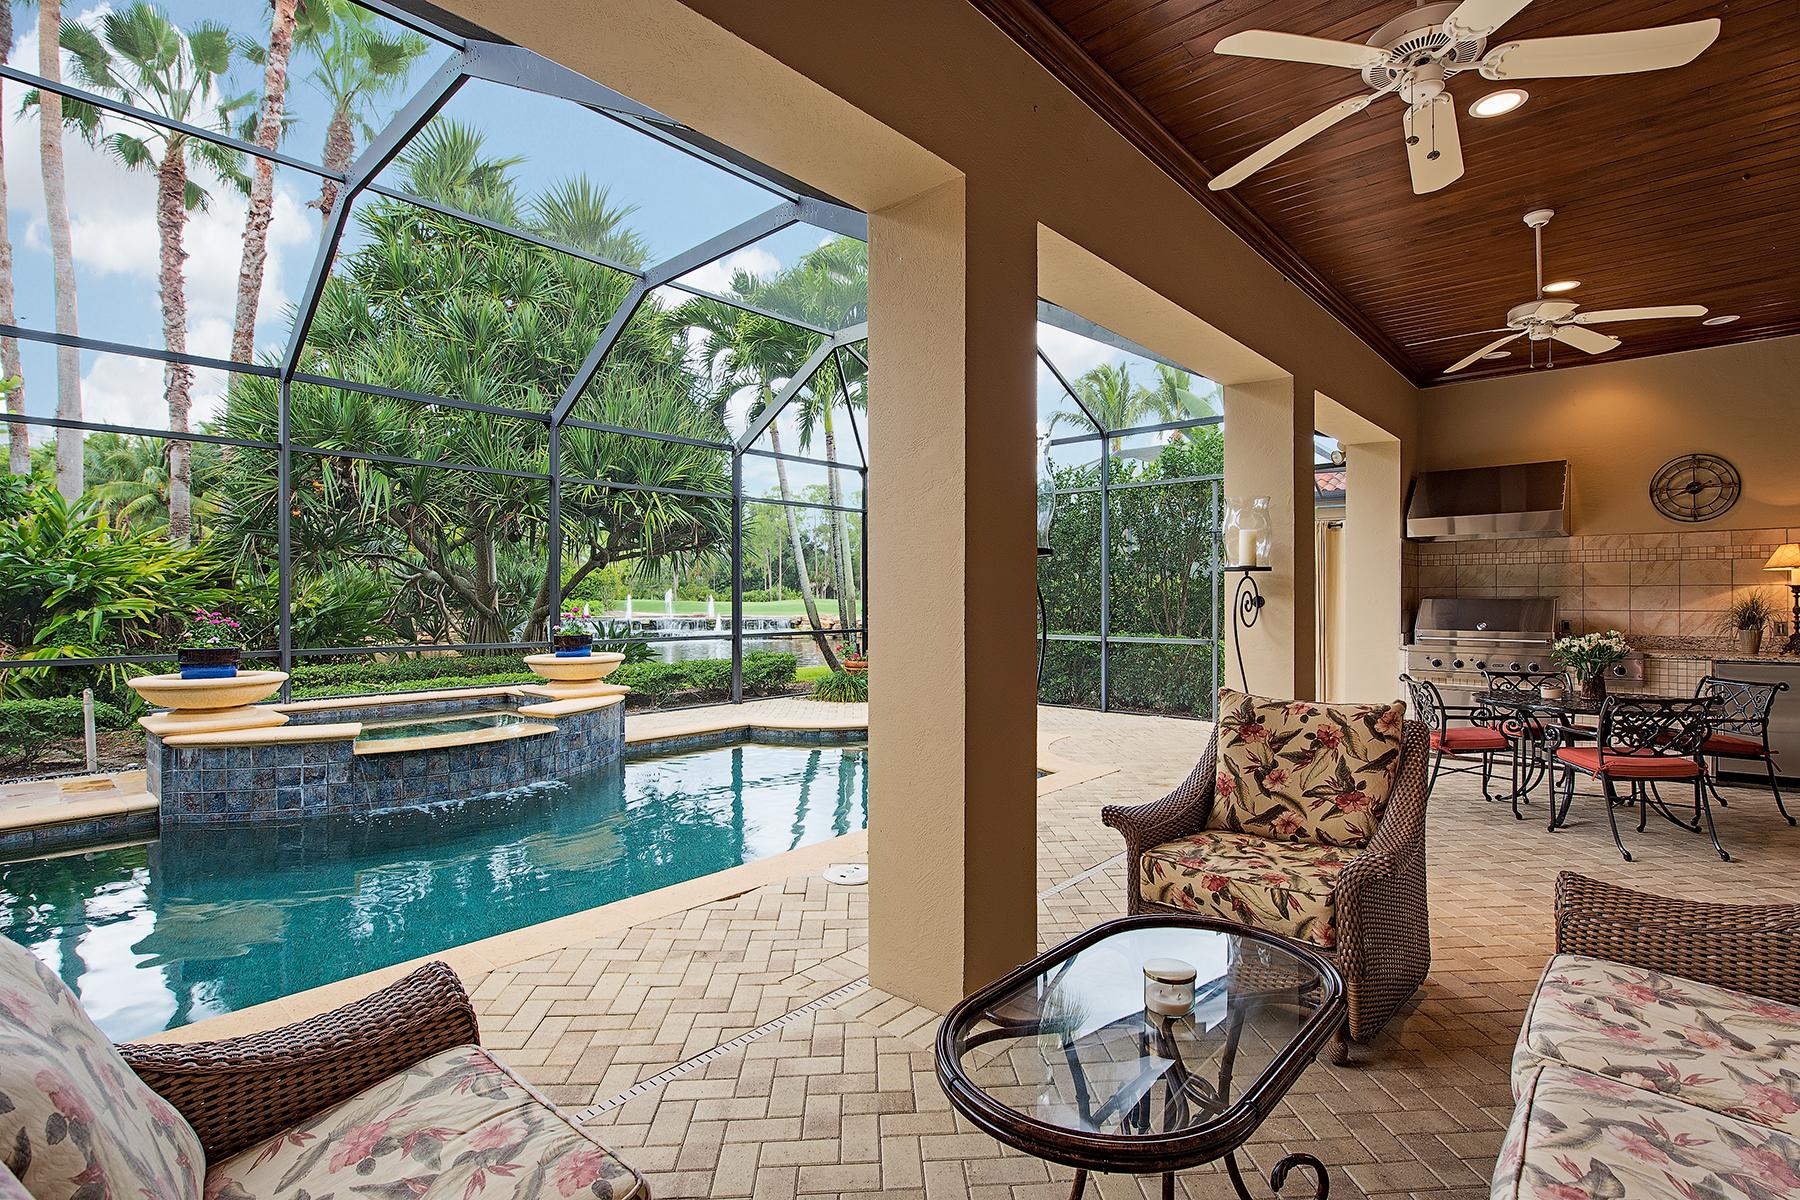 独户住宅 为 销售 在 TIBURON - SERAFINA 2883 Tiburon Blvd E 那不勒斯, 佛罗里达州, 34109 美国